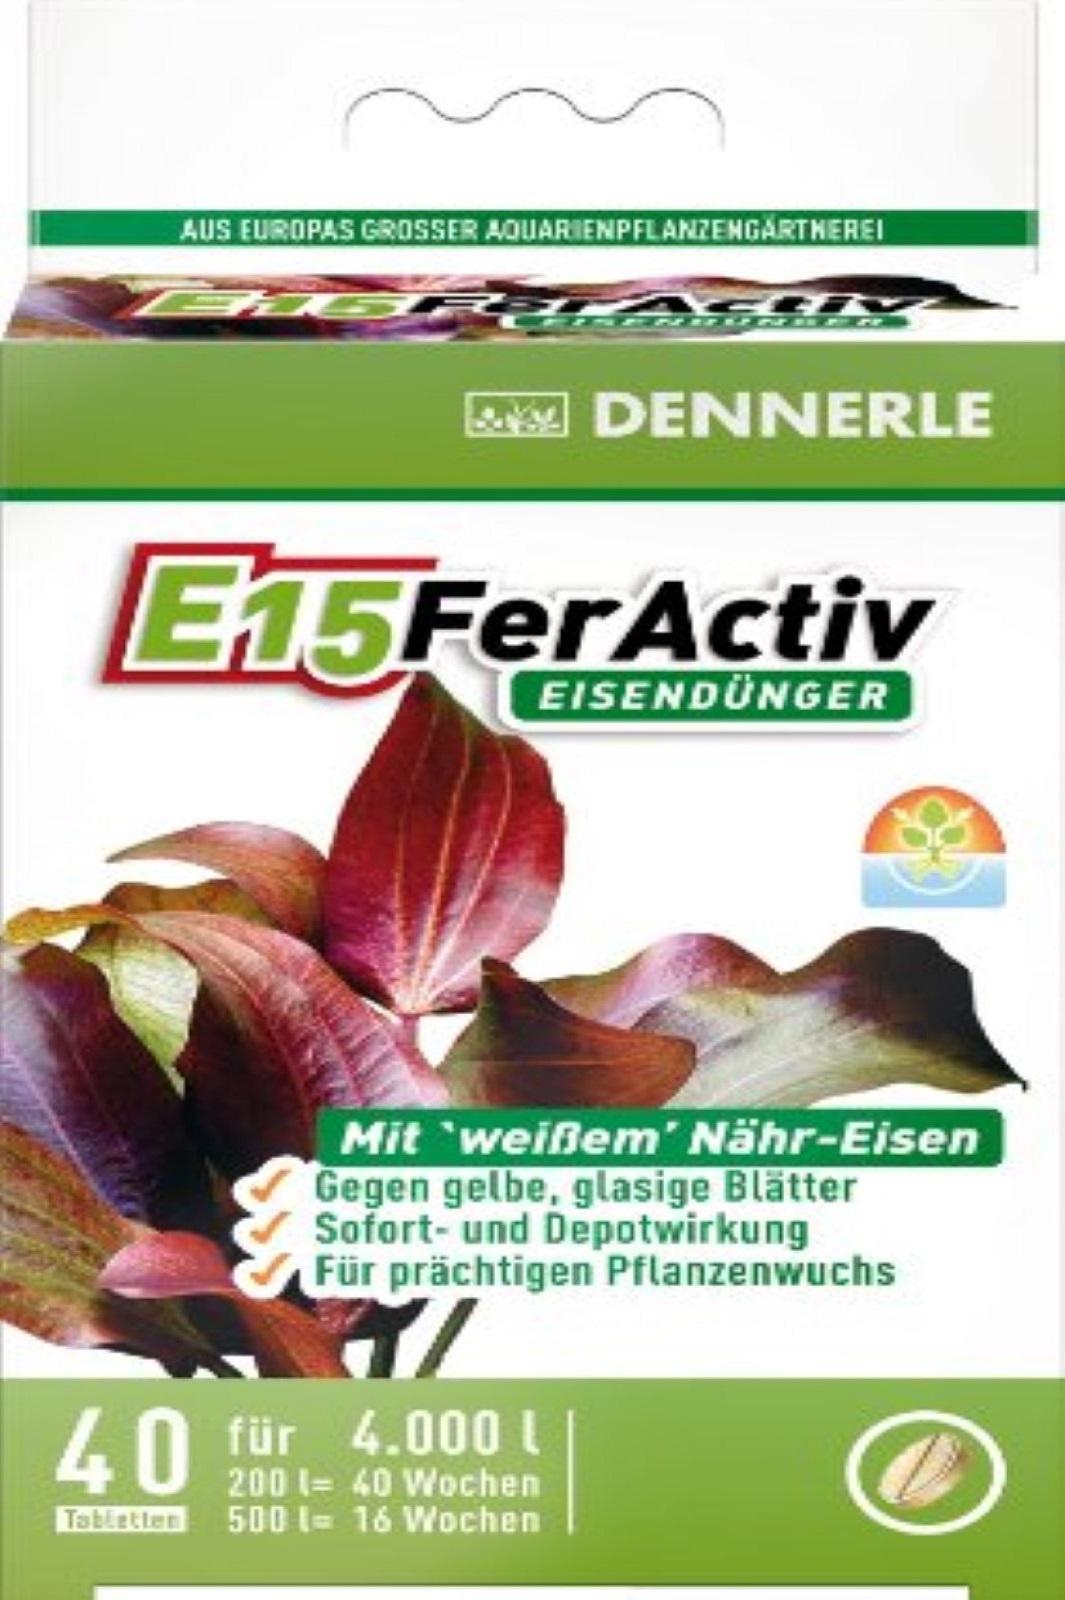 Dennerle E15 FerActiv Eisendünger für Aquarienpflanzen 40 St